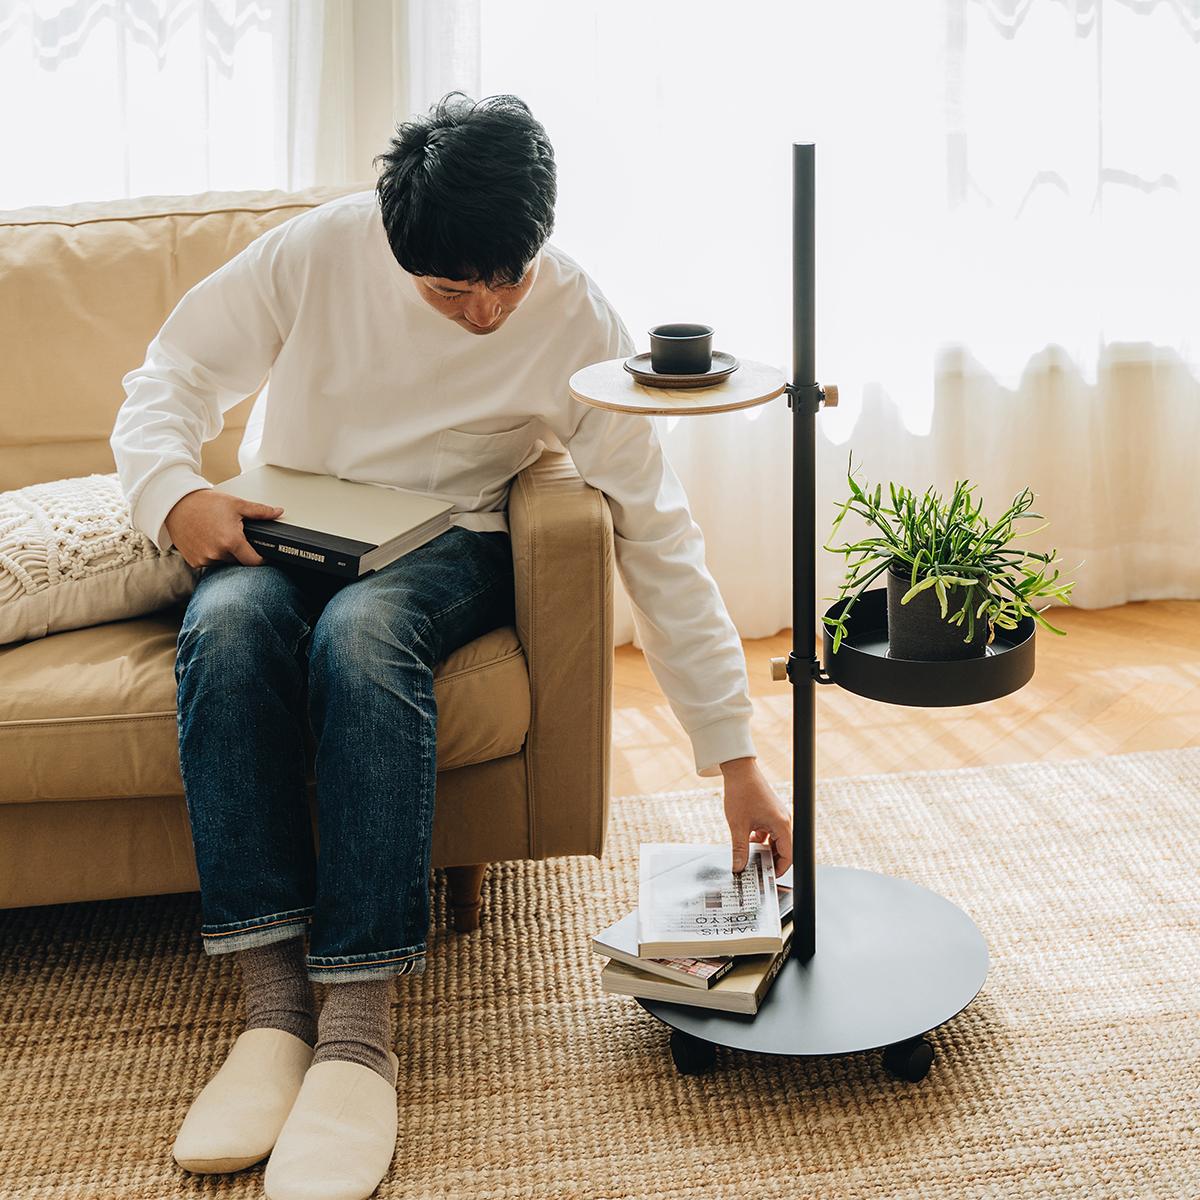 在宅ワークにもおすすめ。ダイニングテーブルやソファの脇など、家のどこでも好きな場所で仕事ができます。キャスター台つきポール「Move Rod(ムーブロッド)」|DRAW A LINE(ドローアライン)